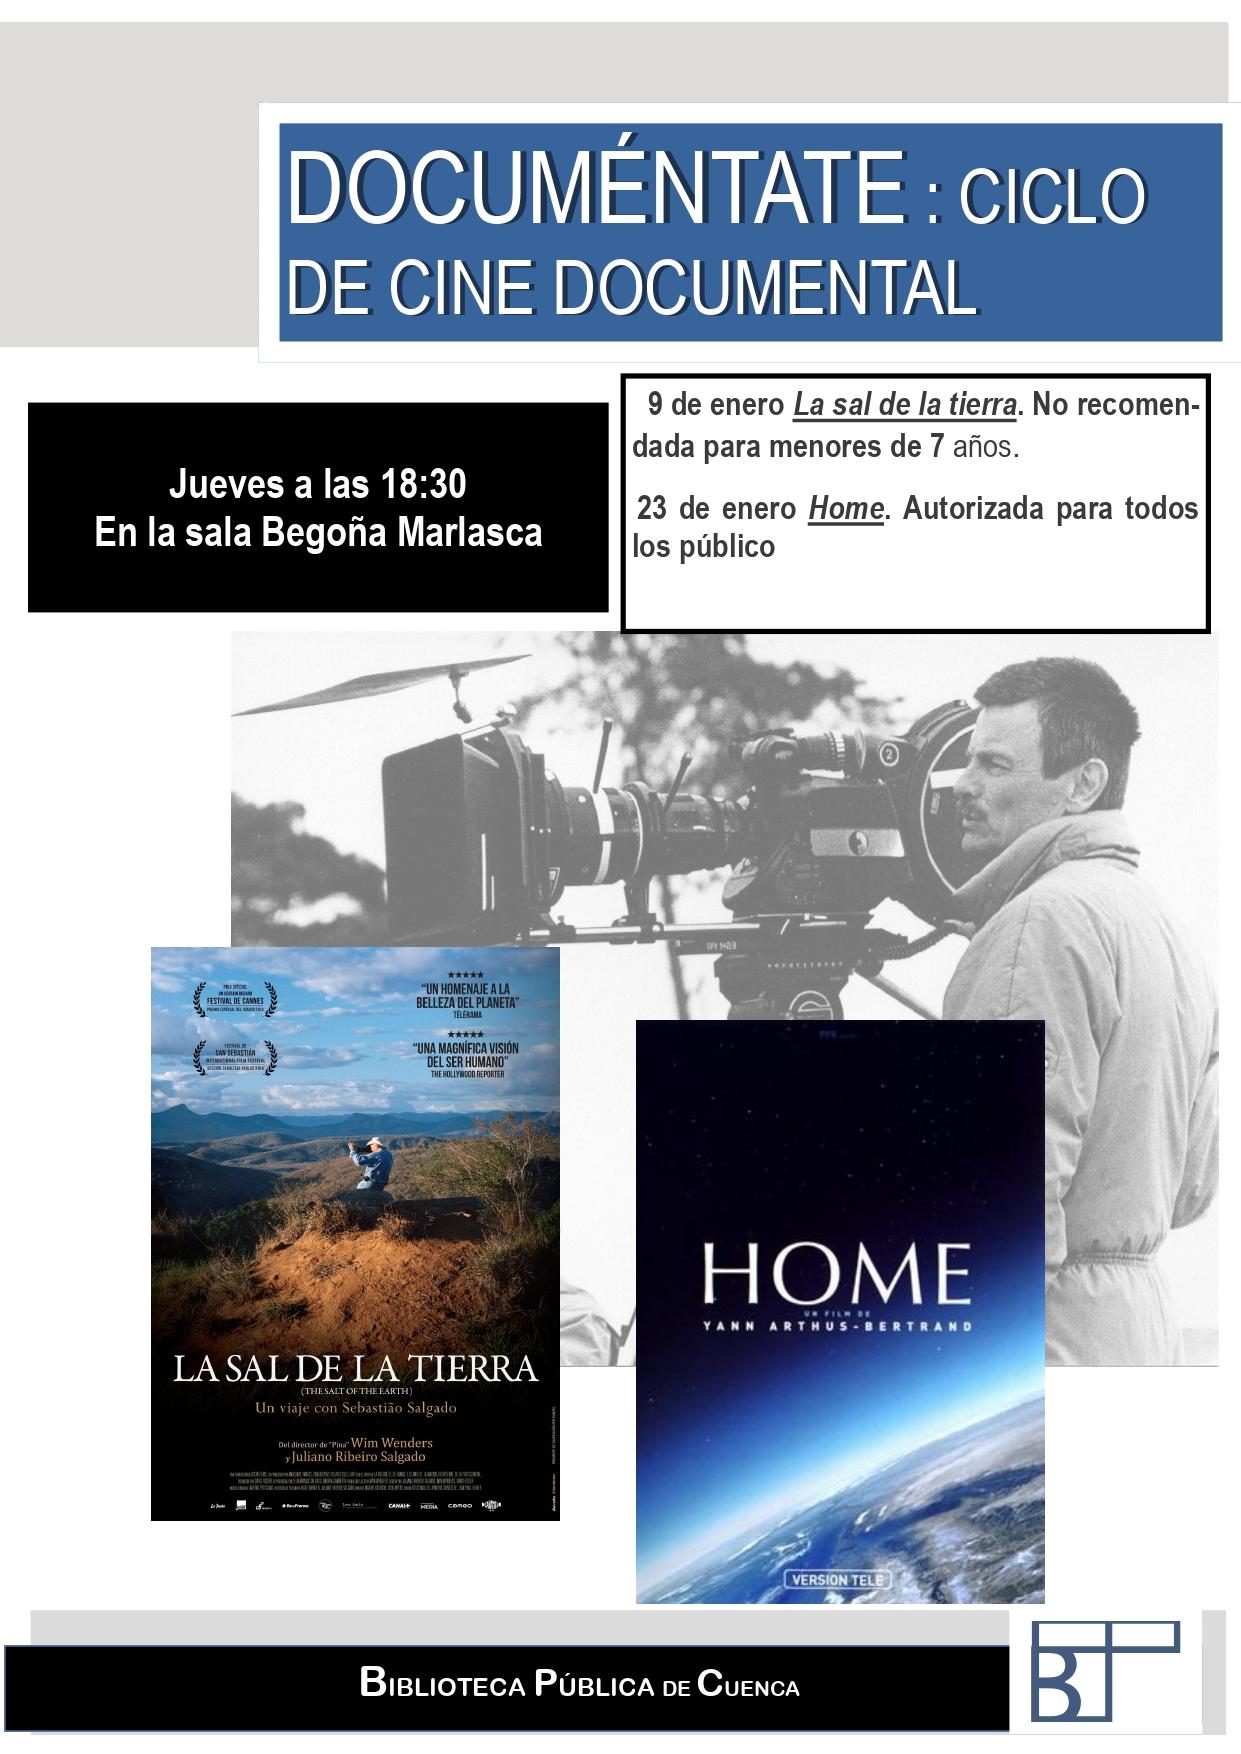 Imagen de la actividad DOCUMÉNTATE. Ciclo de cine documental en la BPE Cuenca.